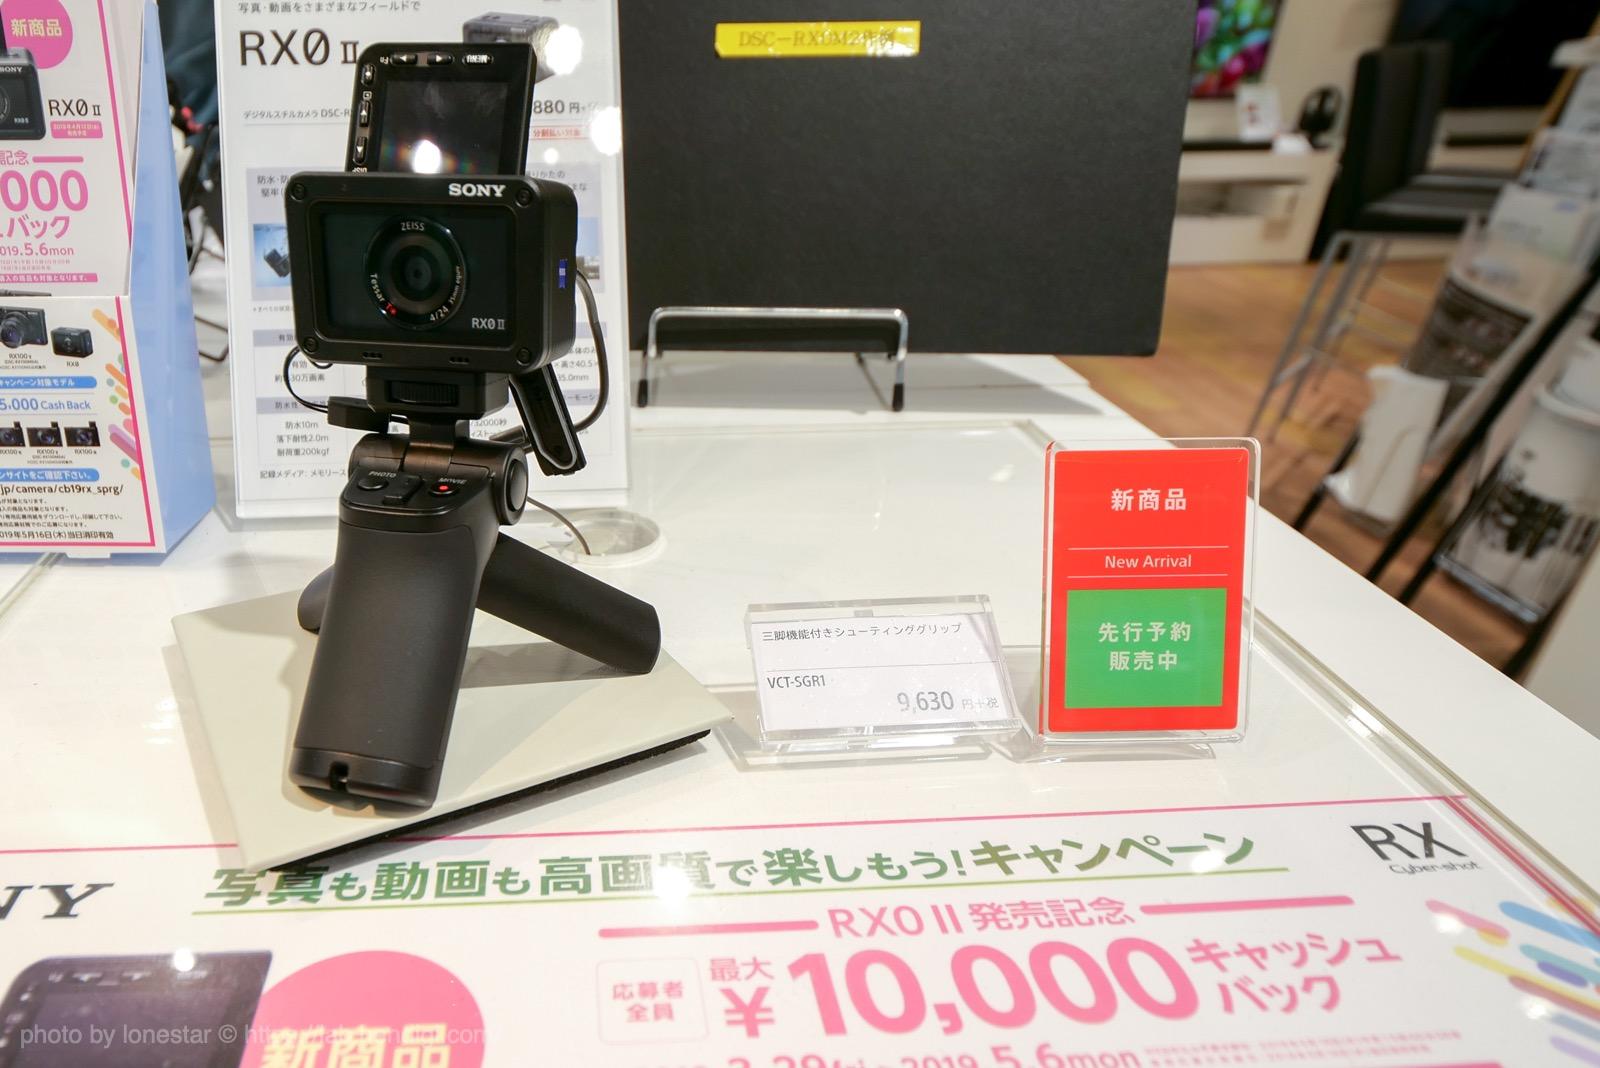 ソニーストア RX0 2